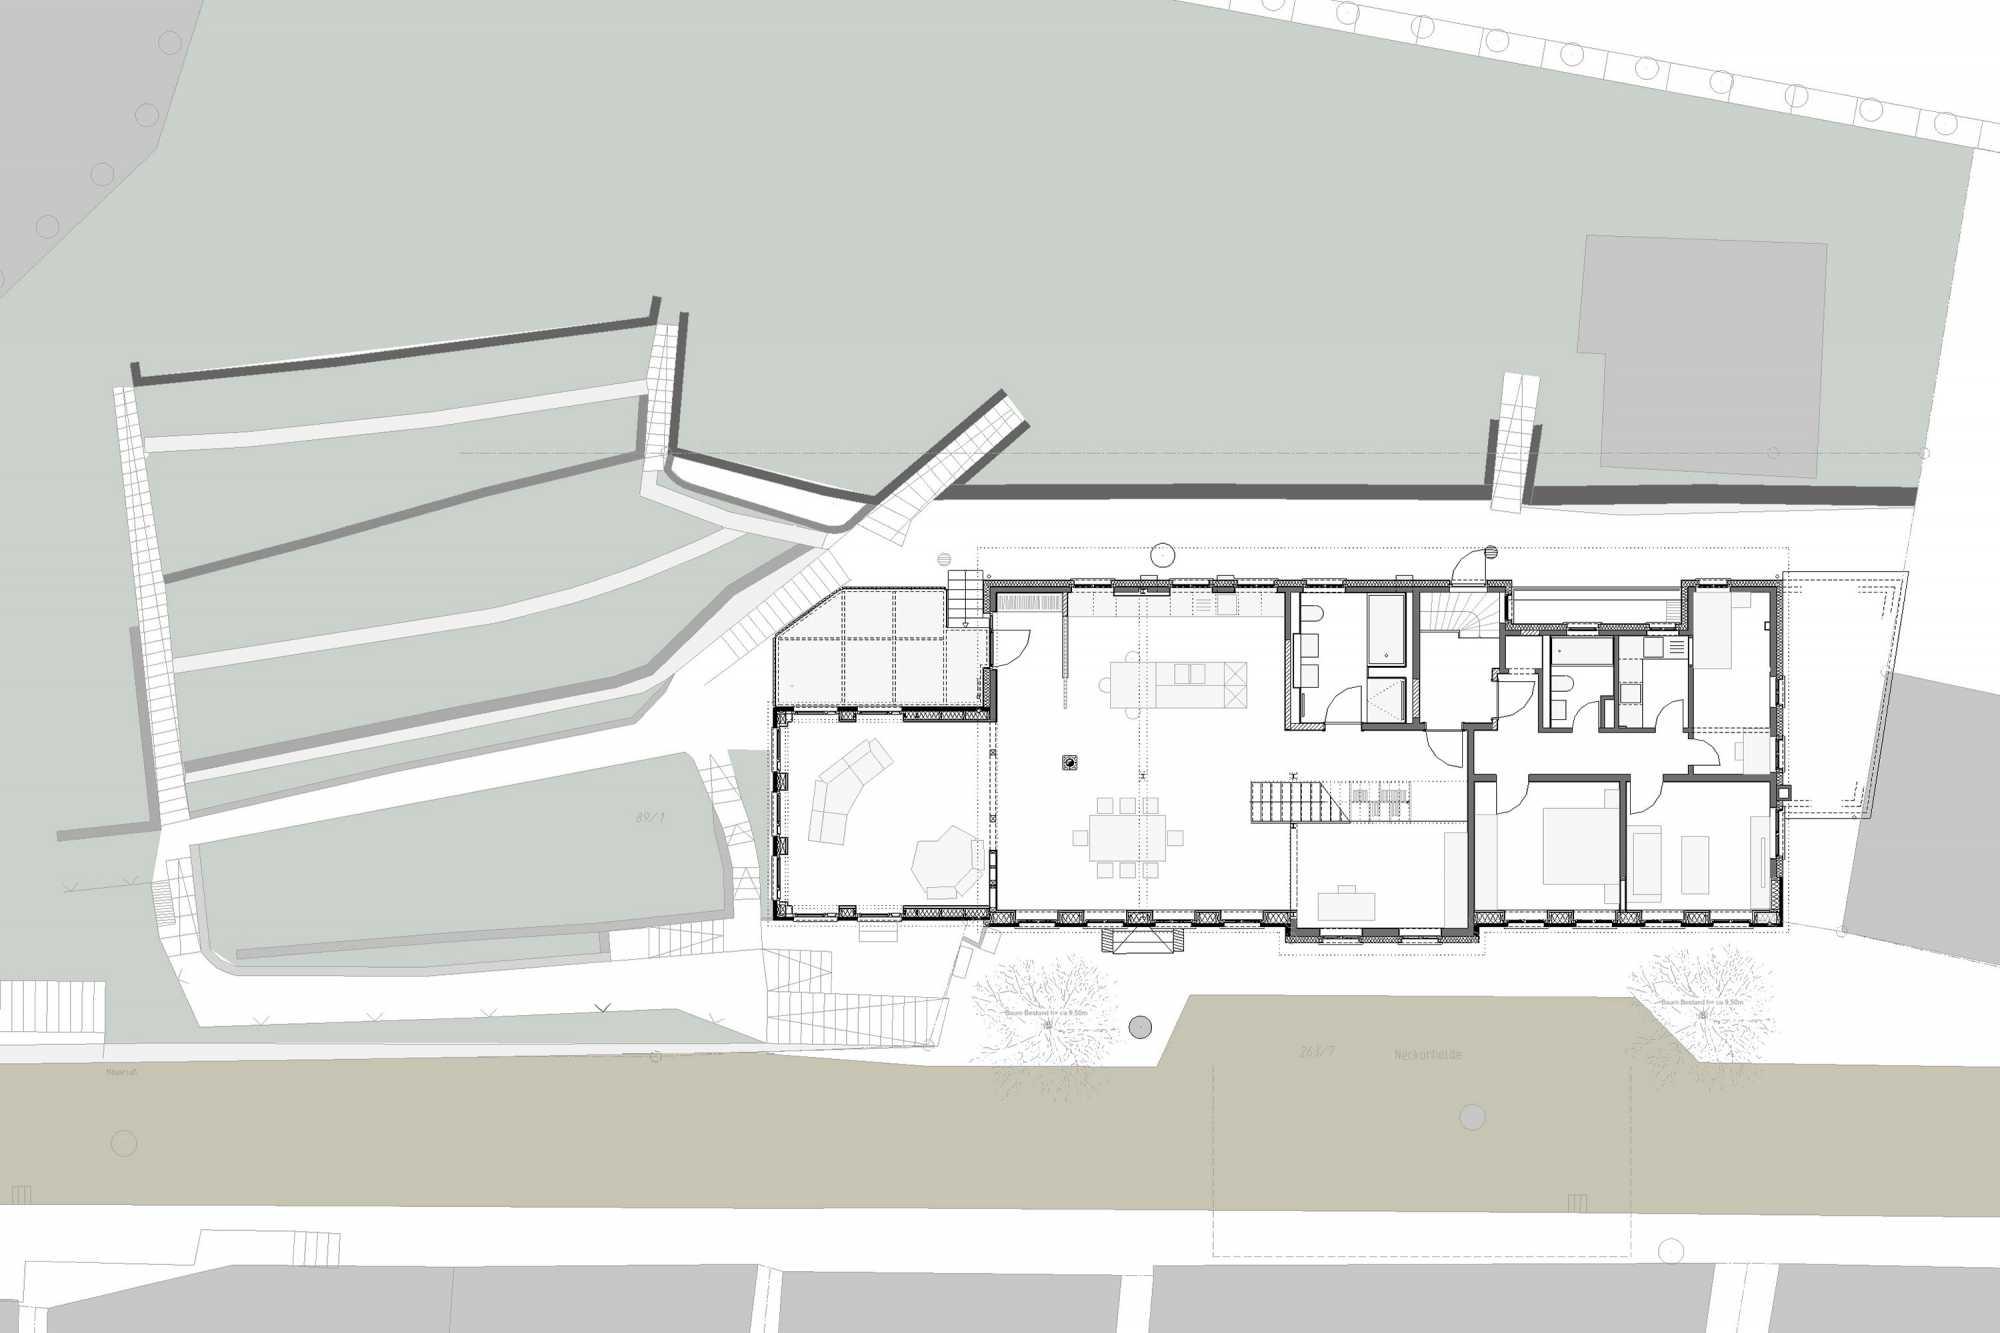 Baubeginn Kernsanierung und Anbau Wohn- und Geschäftshaus in Tübinger Altstadt ({project_images:field_row_count})